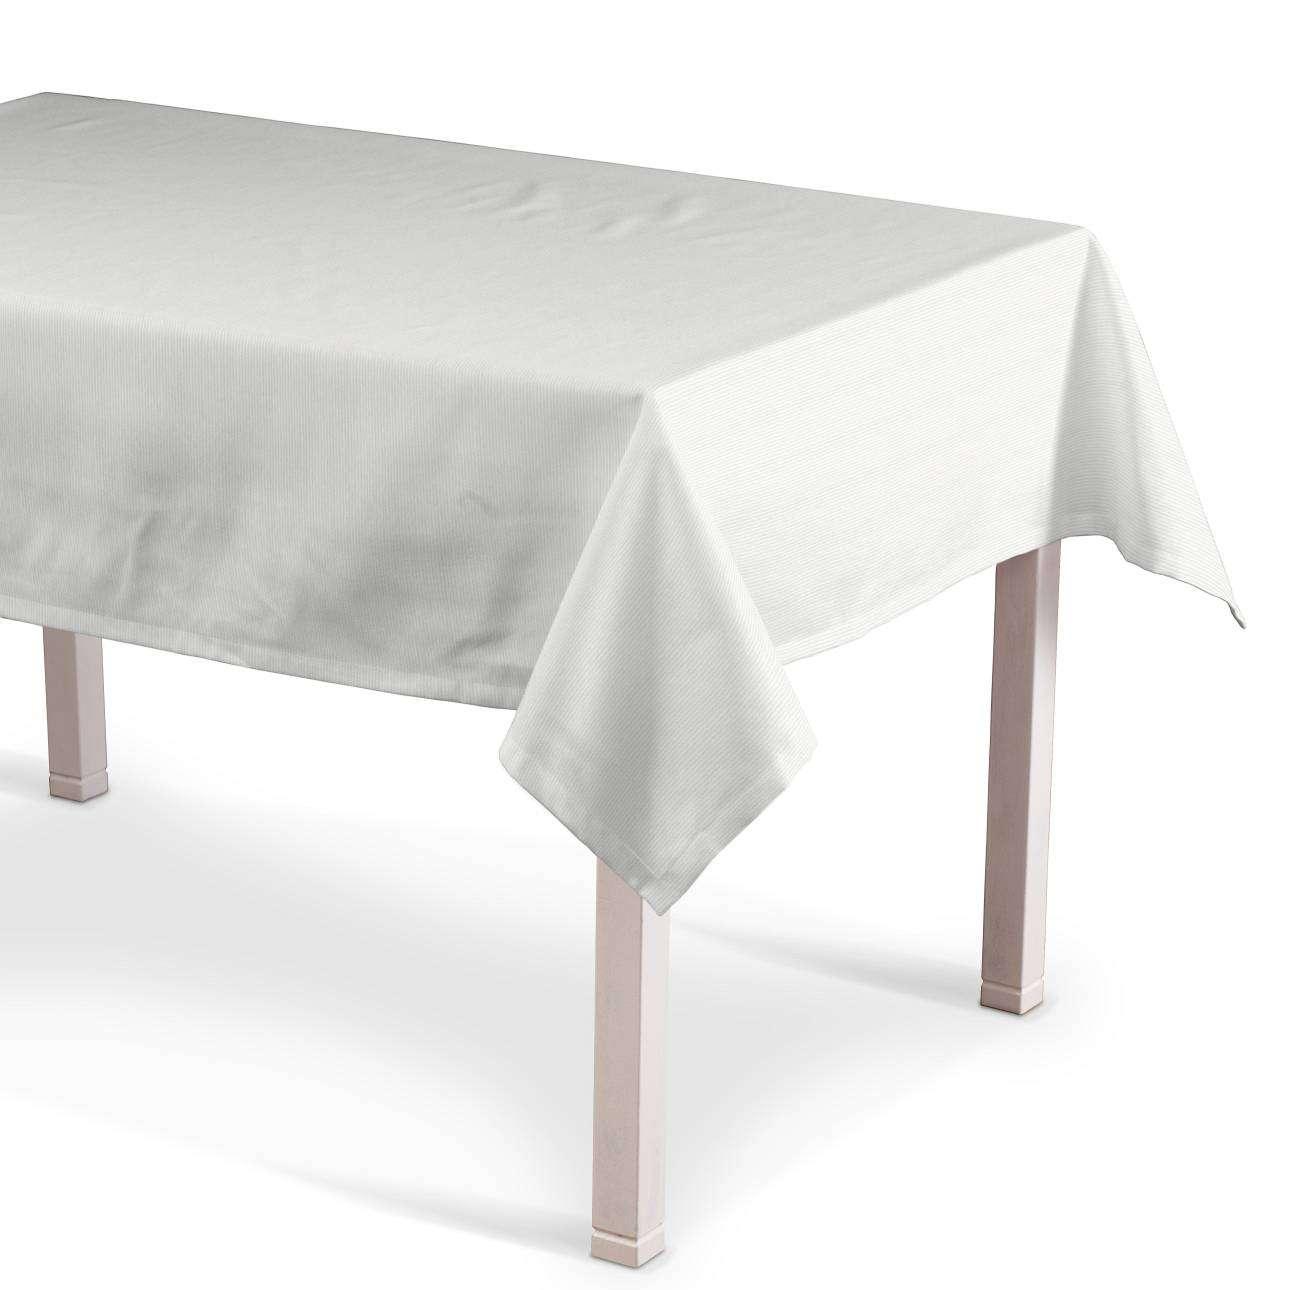 Asztalterítő téglalap alakú 130 x 130 cm a kollekcióból Lakástextil Jupiter, Dekoranyag: 127-01